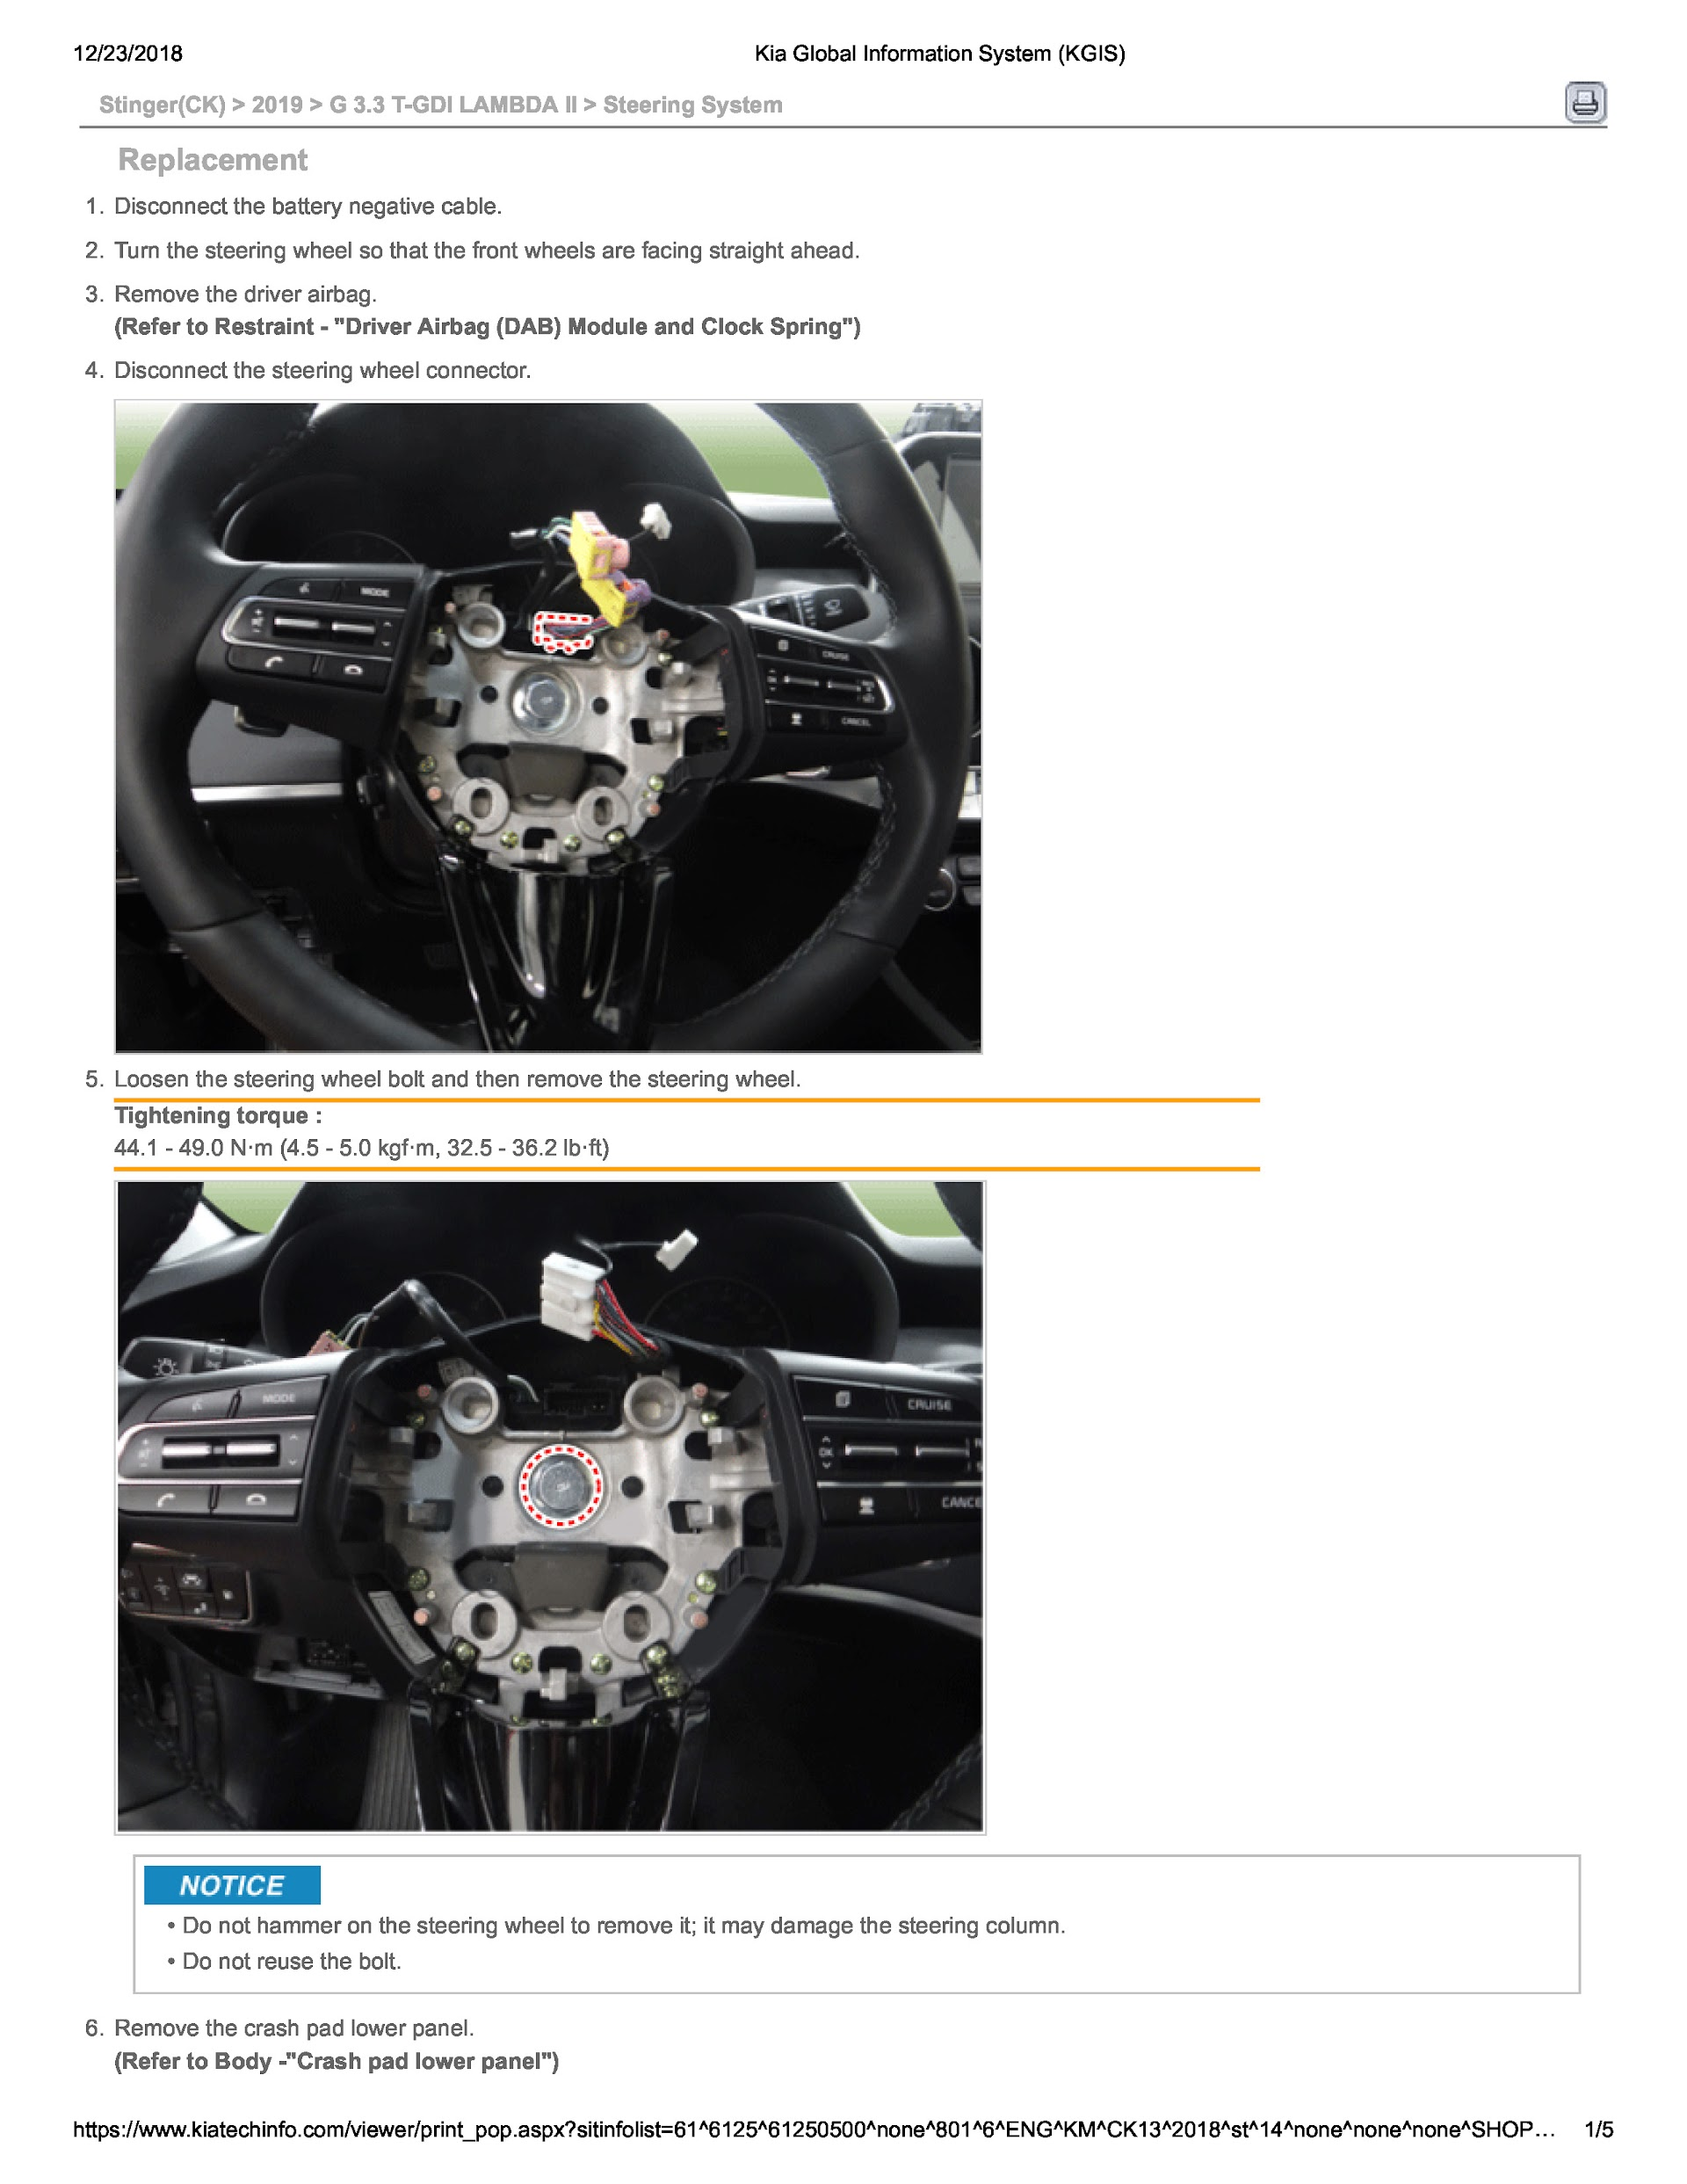 2019 Kia Stinger (CK) Service Repair Manual.